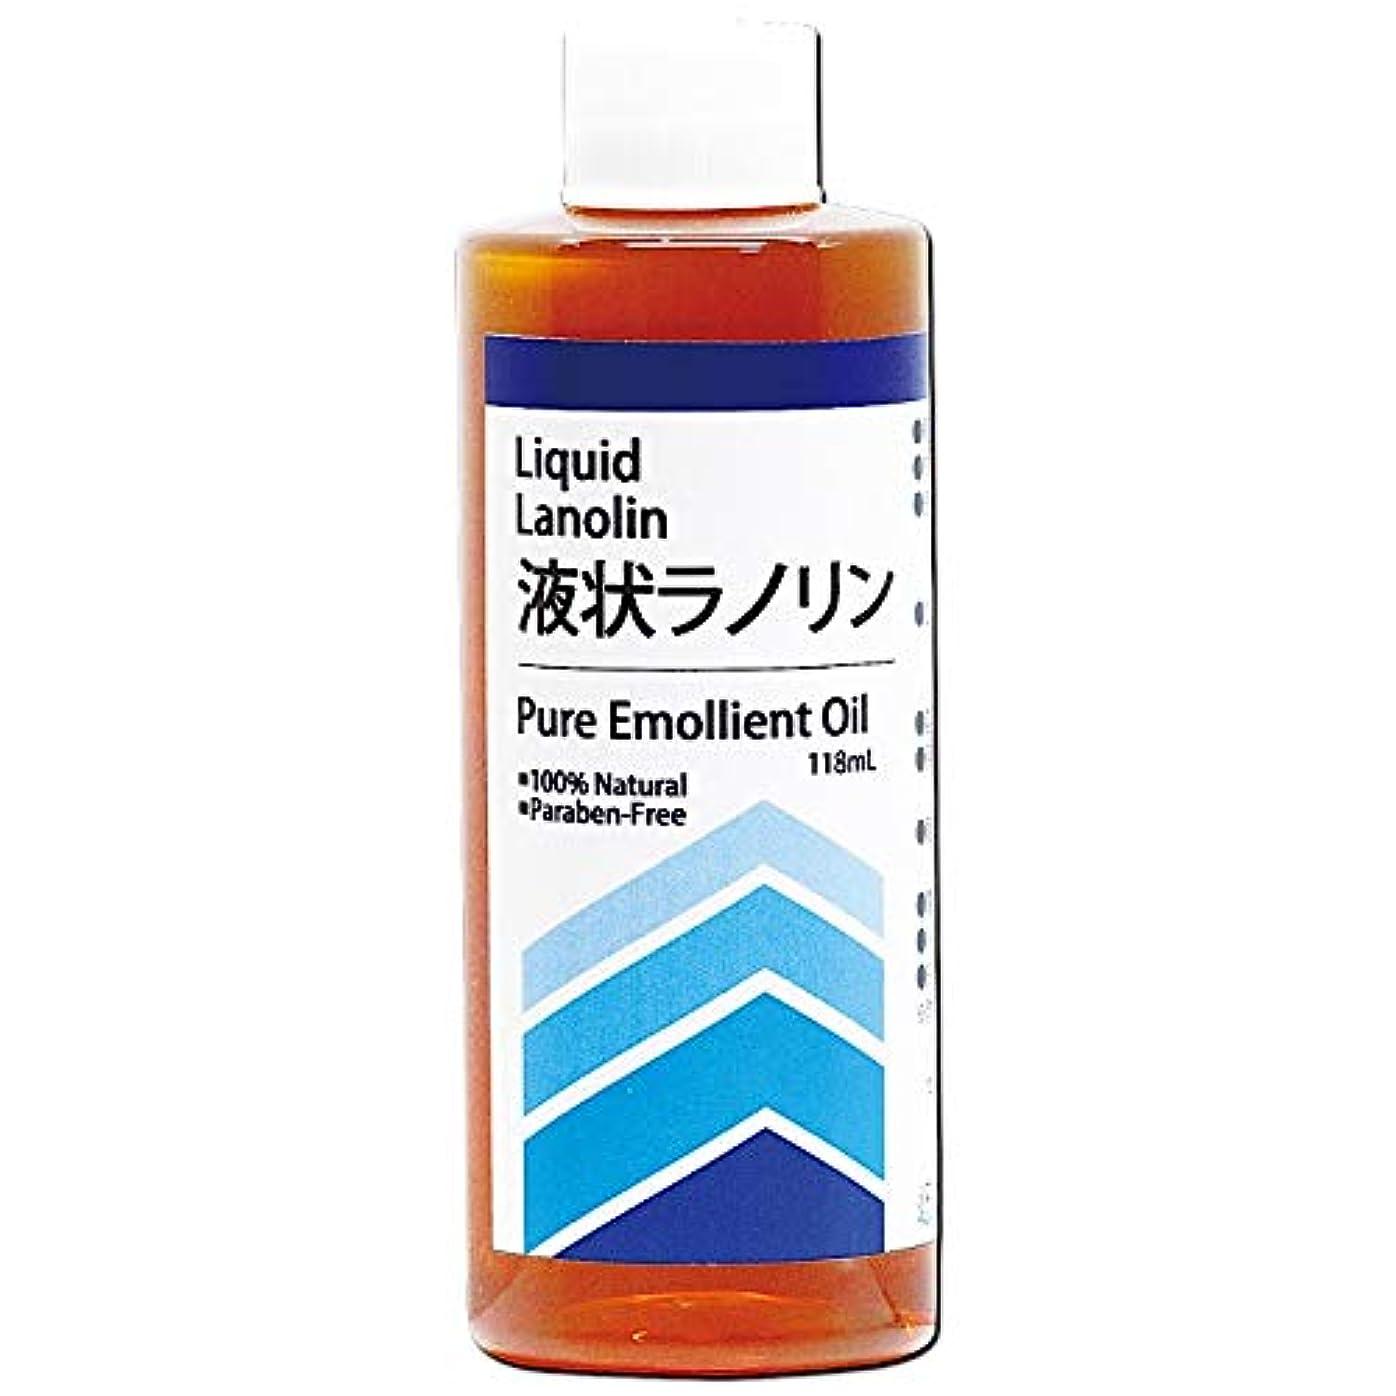 逃げる紫の今日クシロ薬局 液状ラノリン 118mL 【 LIQUID LANOLIN 】